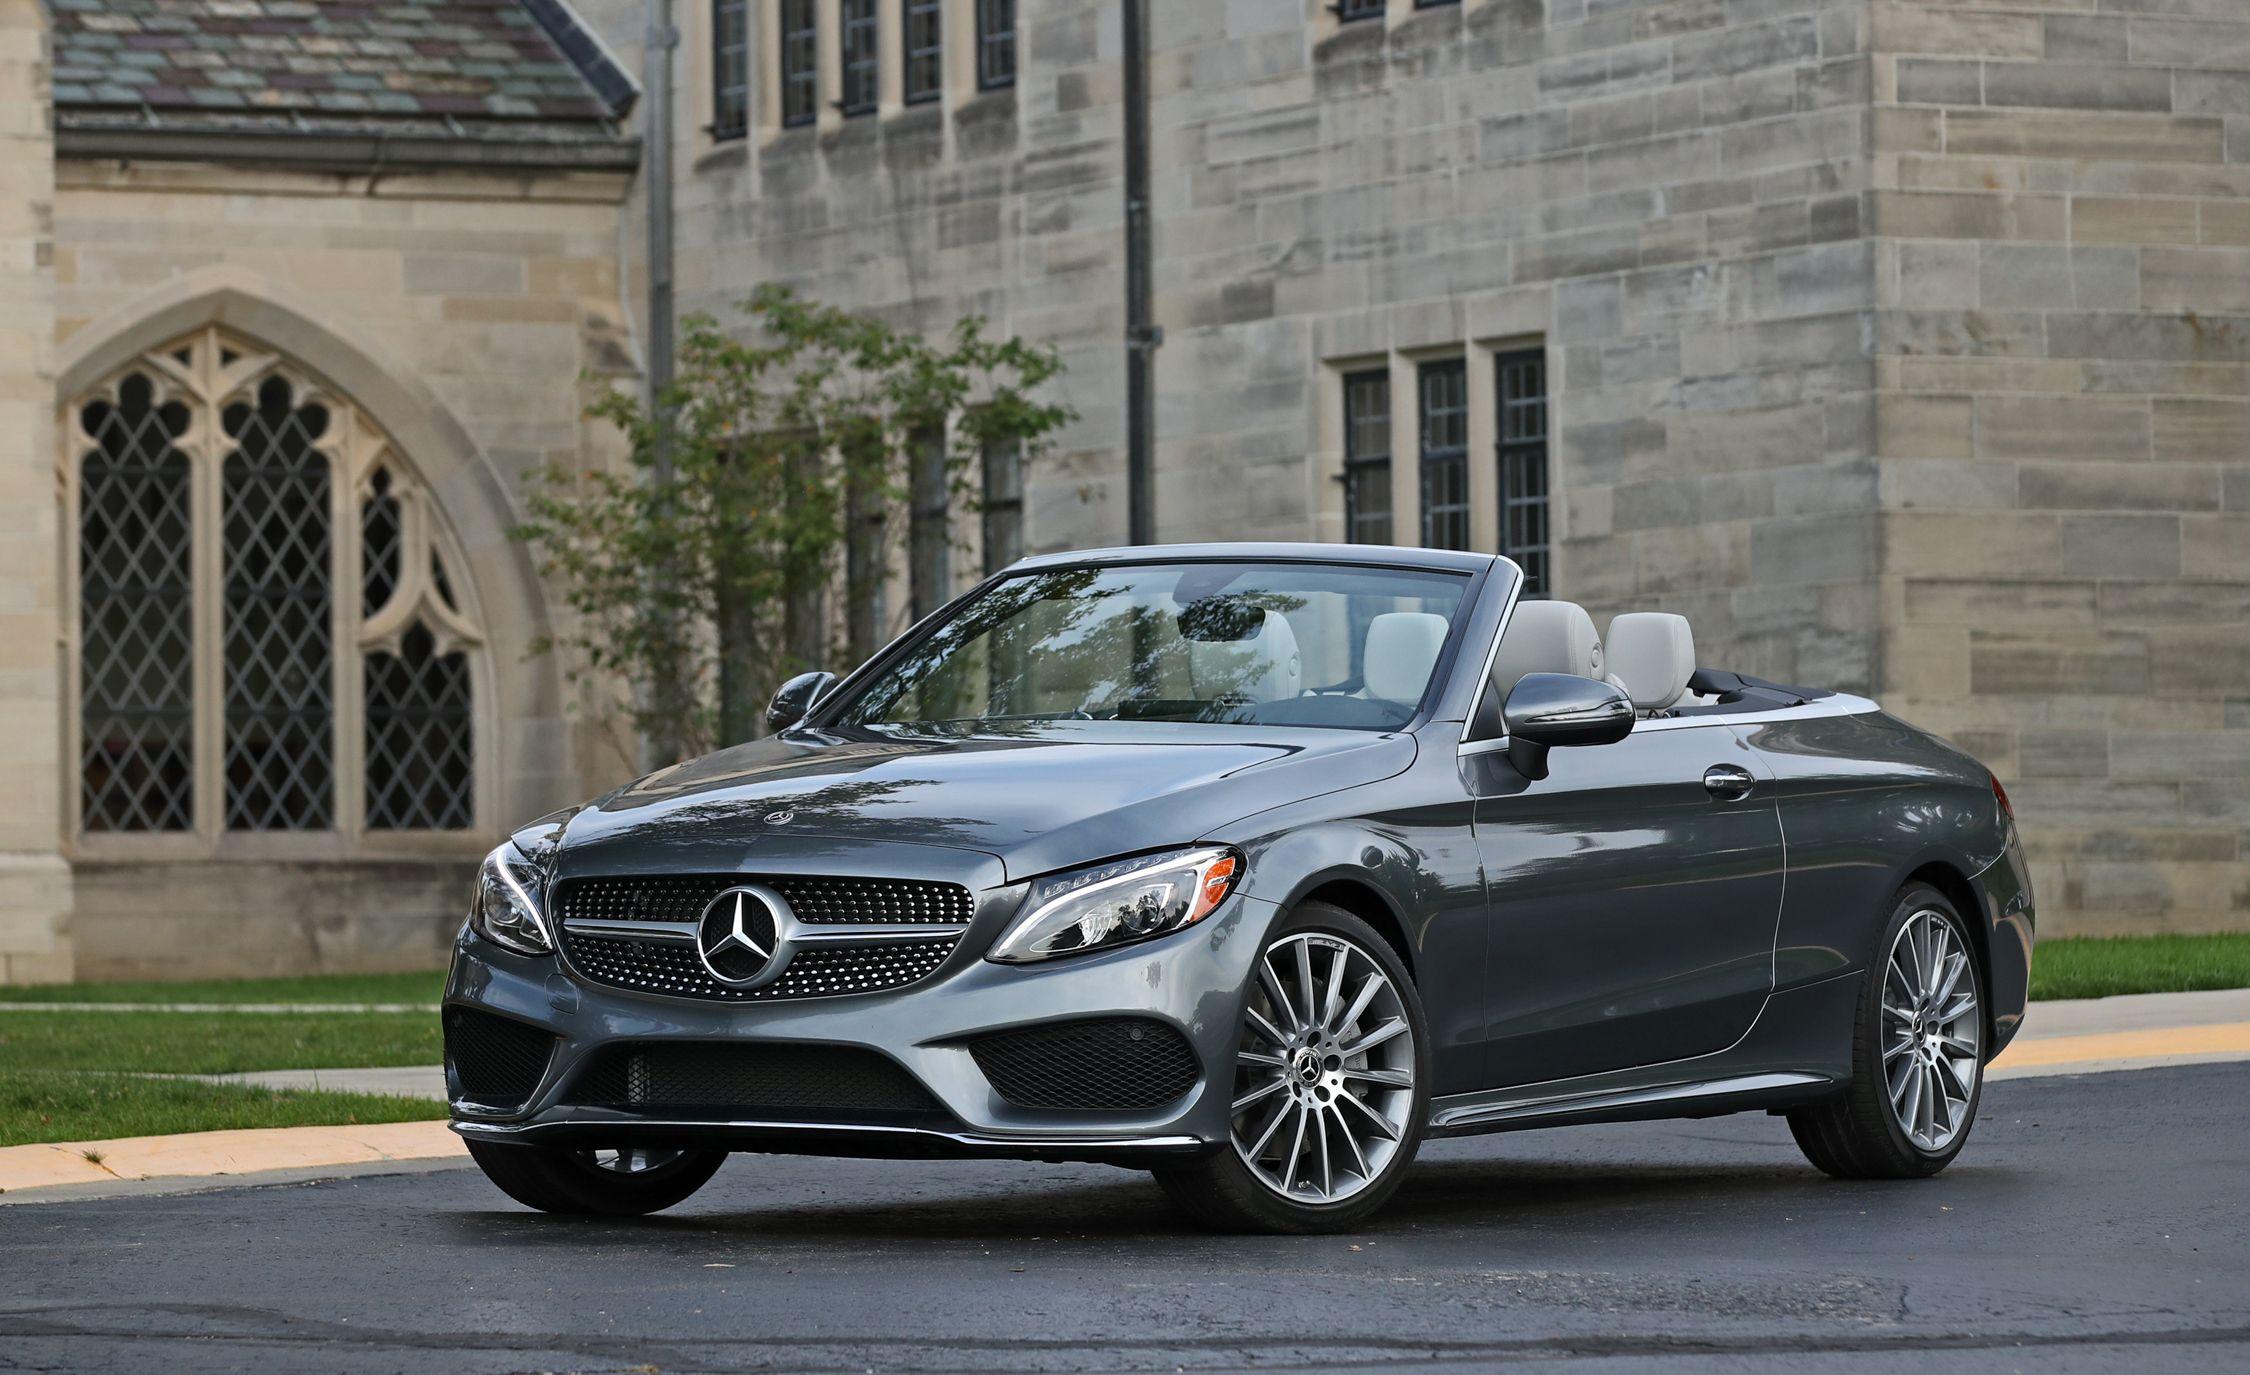 Mercedes Benz C class Reviews